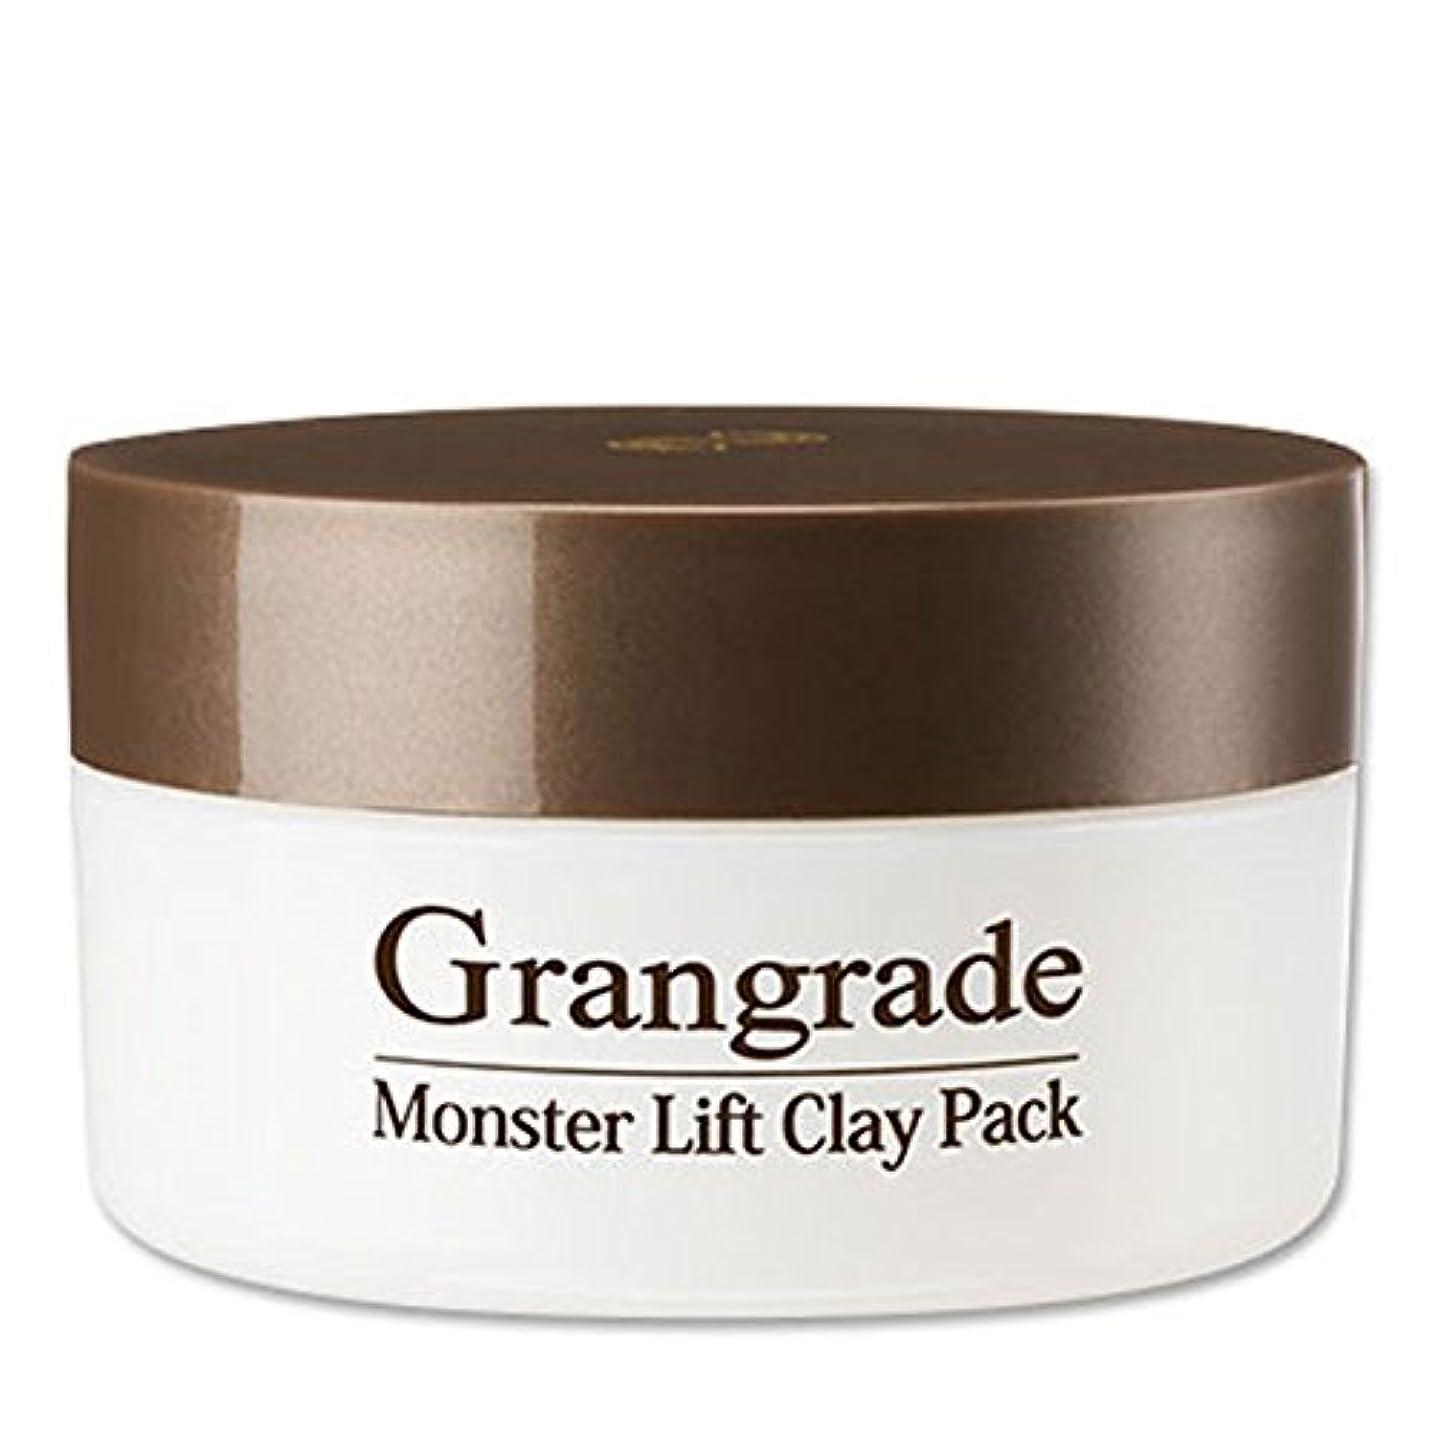 Grangrade グラングレイ モンスターリフトクレイパック